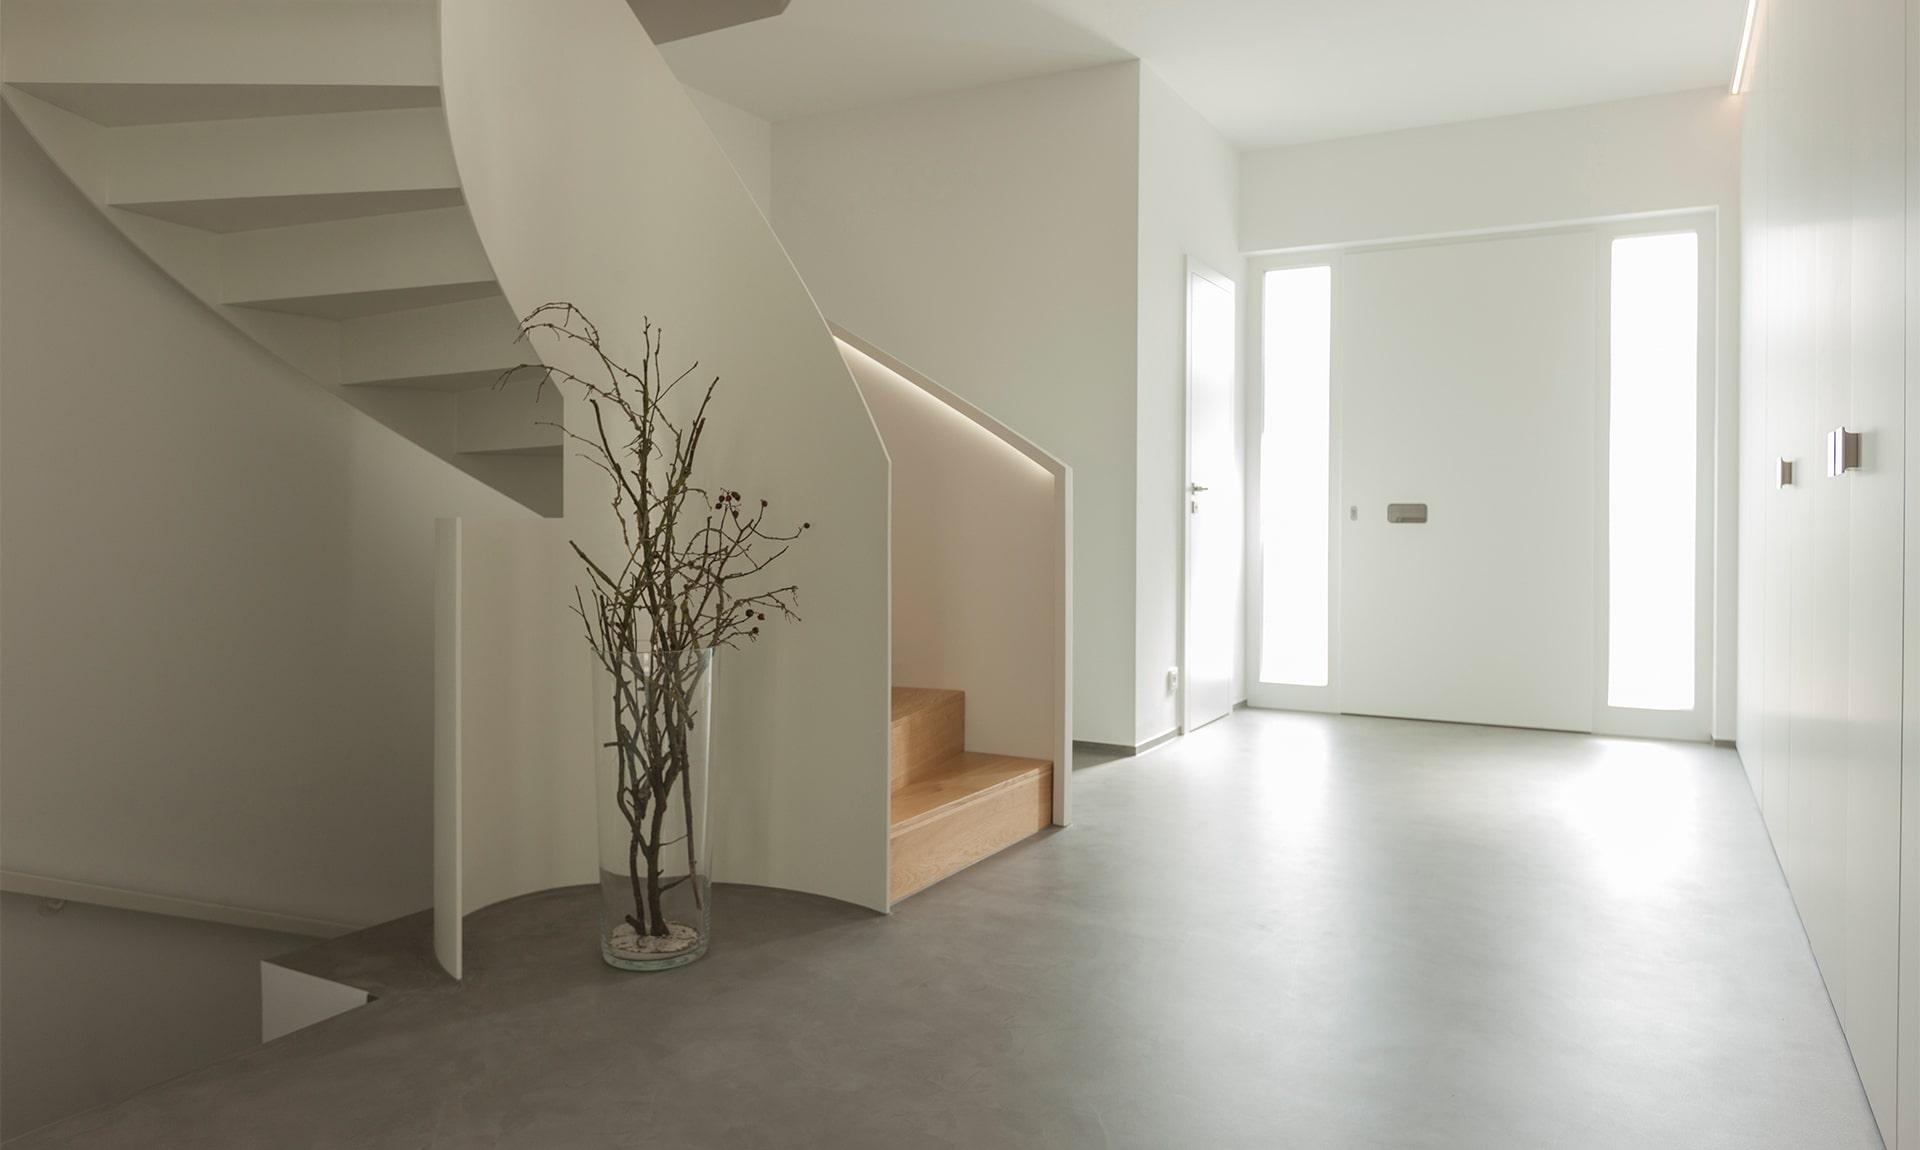 fugenloser Boden mit Betonlook / Sichtbeton. Ästhetisch, leicht zu pflegen und robust vom Handwerksmeister I Gestaltungsmaler Spohn